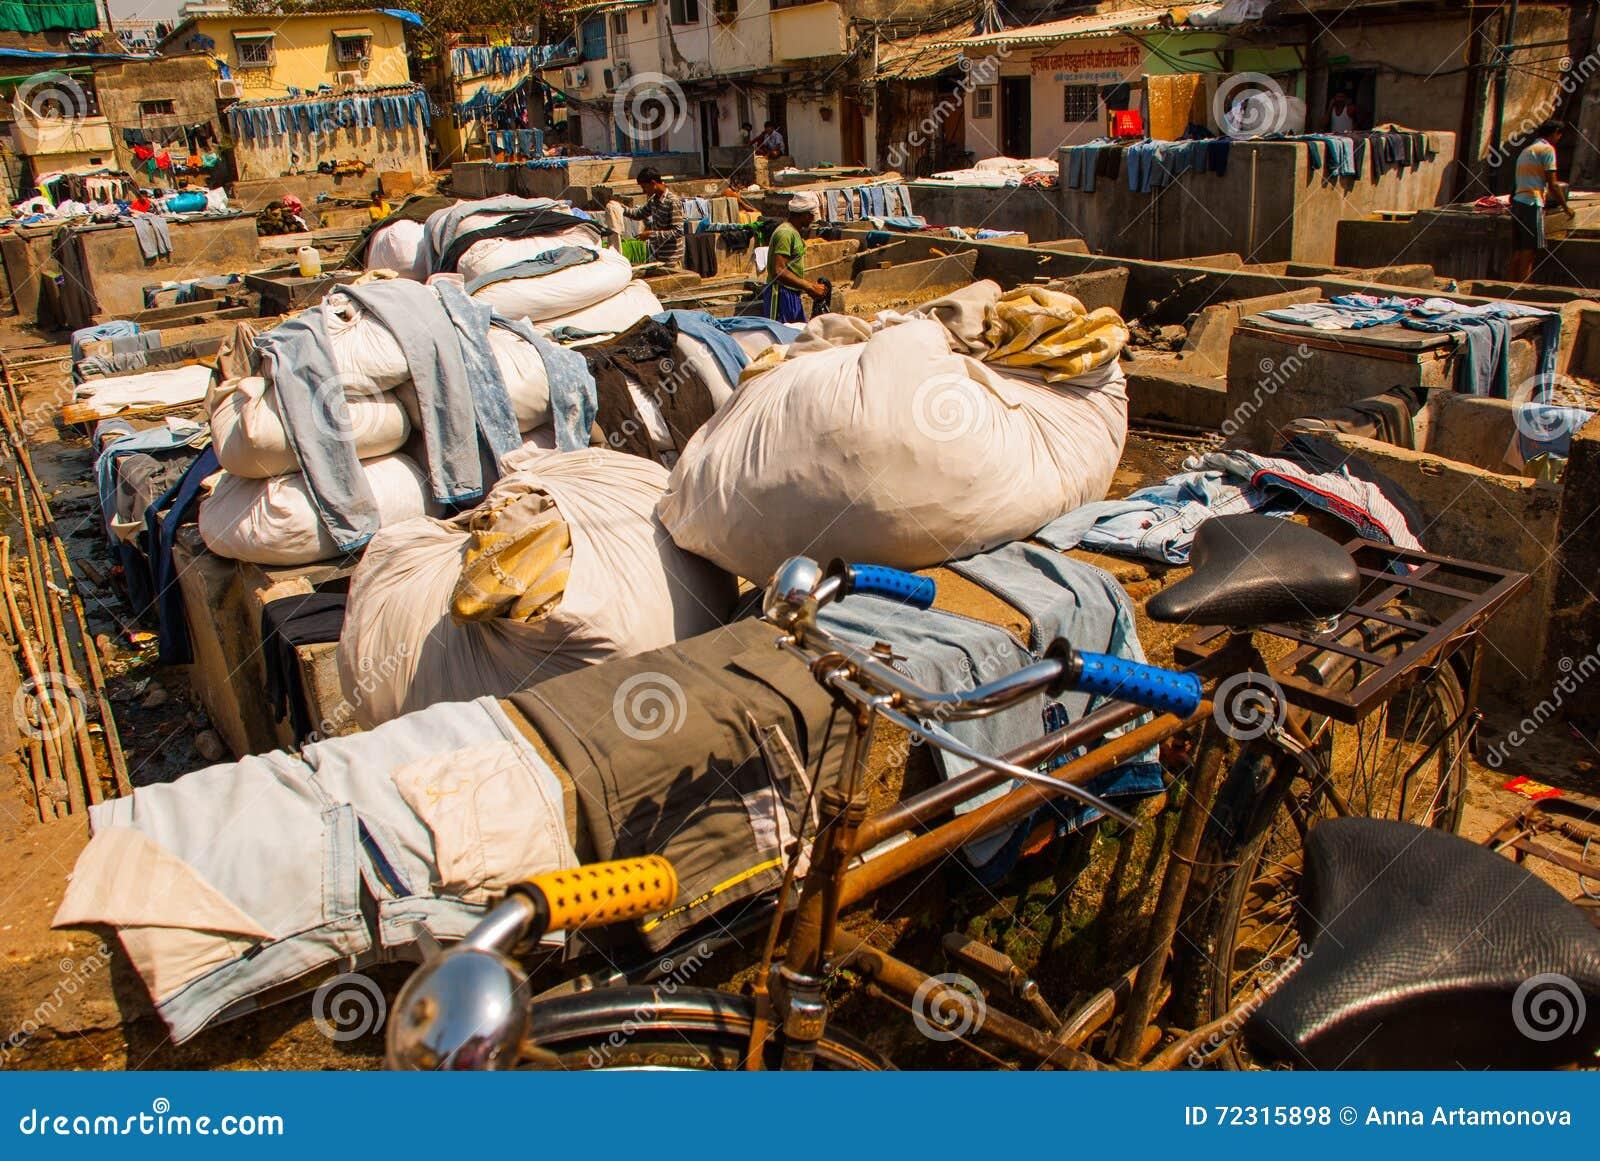 Wäsche-Service in Indien Wäscherei, trockene Sachen auf der Wäscheleine Mumbai